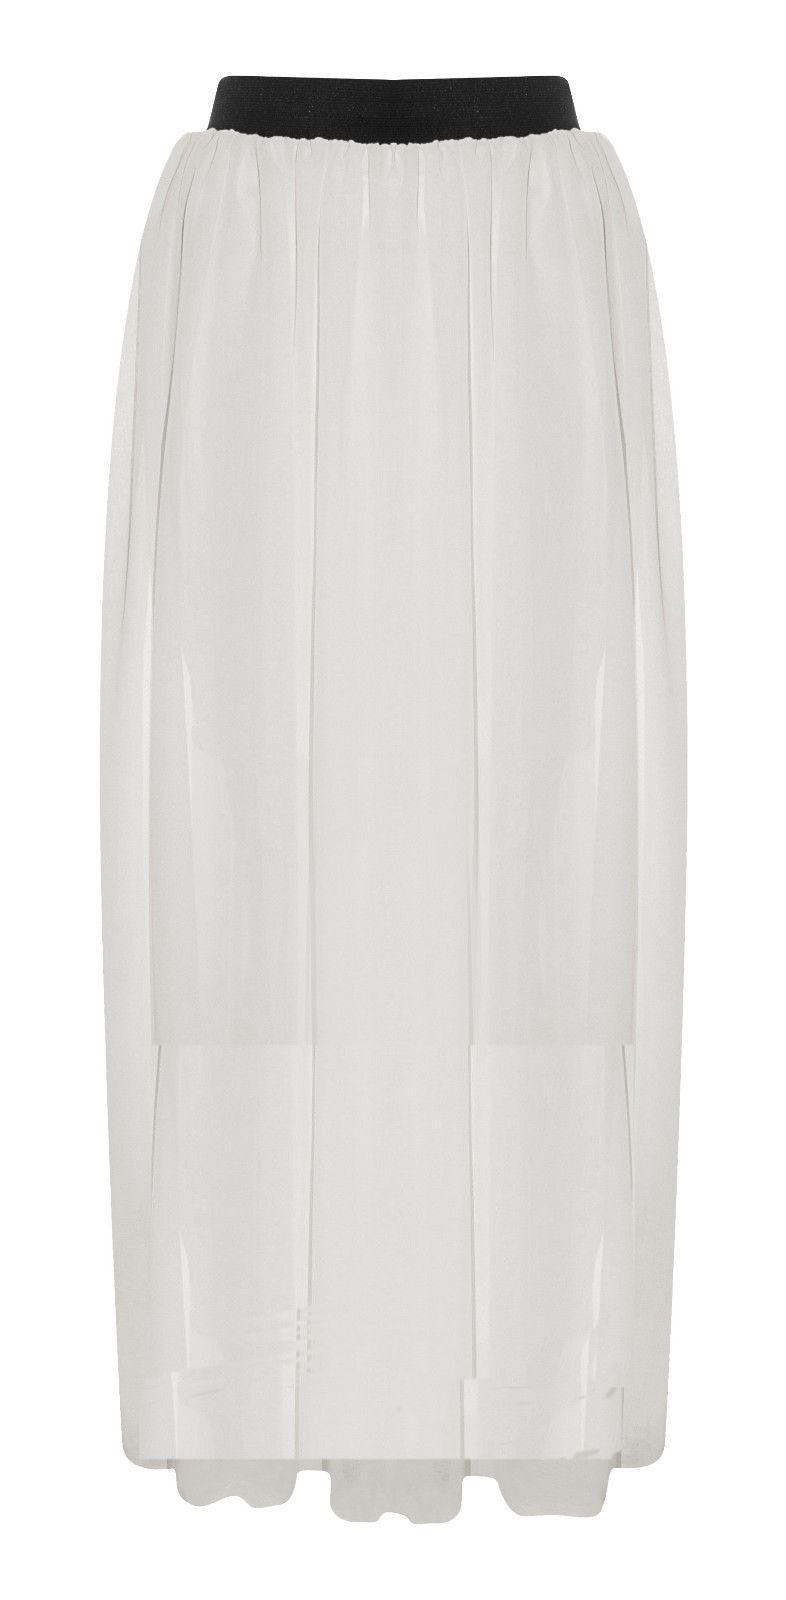 womens sheer chiffon maxi skirt plain